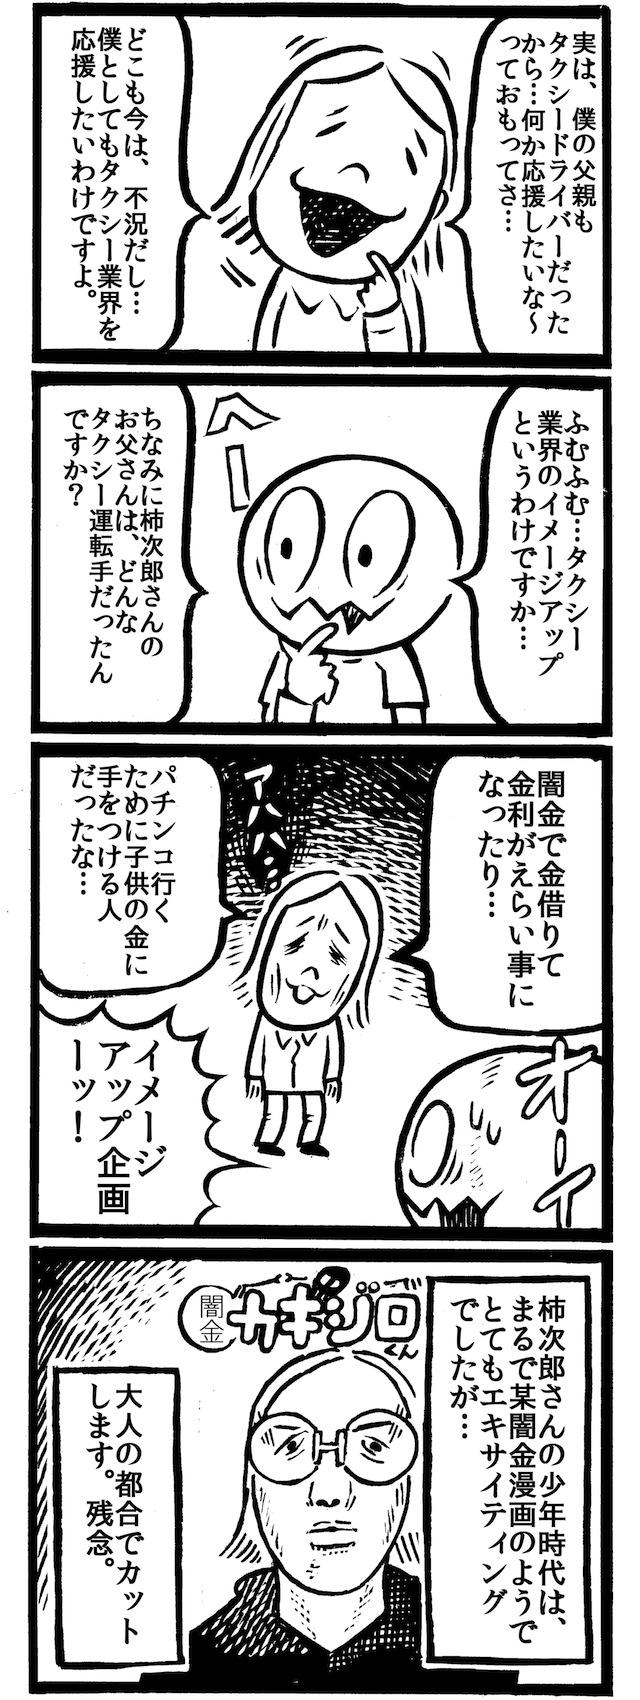 f:id:kakijiro:20151208235456j:plain